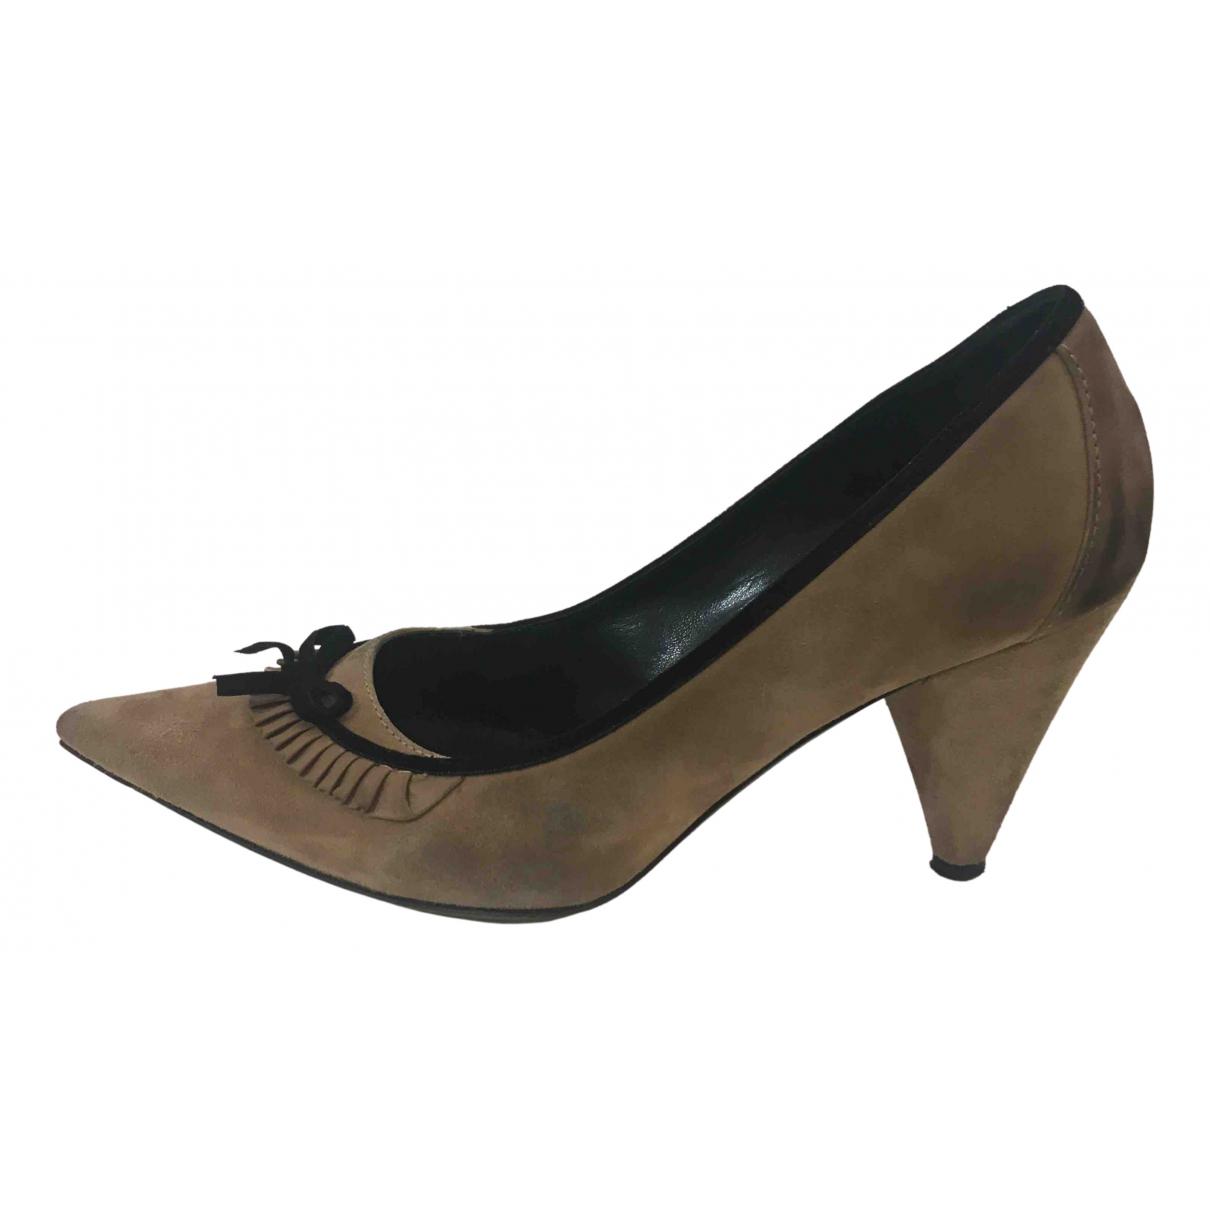 Fendi N Beige Leather Heels for Women 41 EU